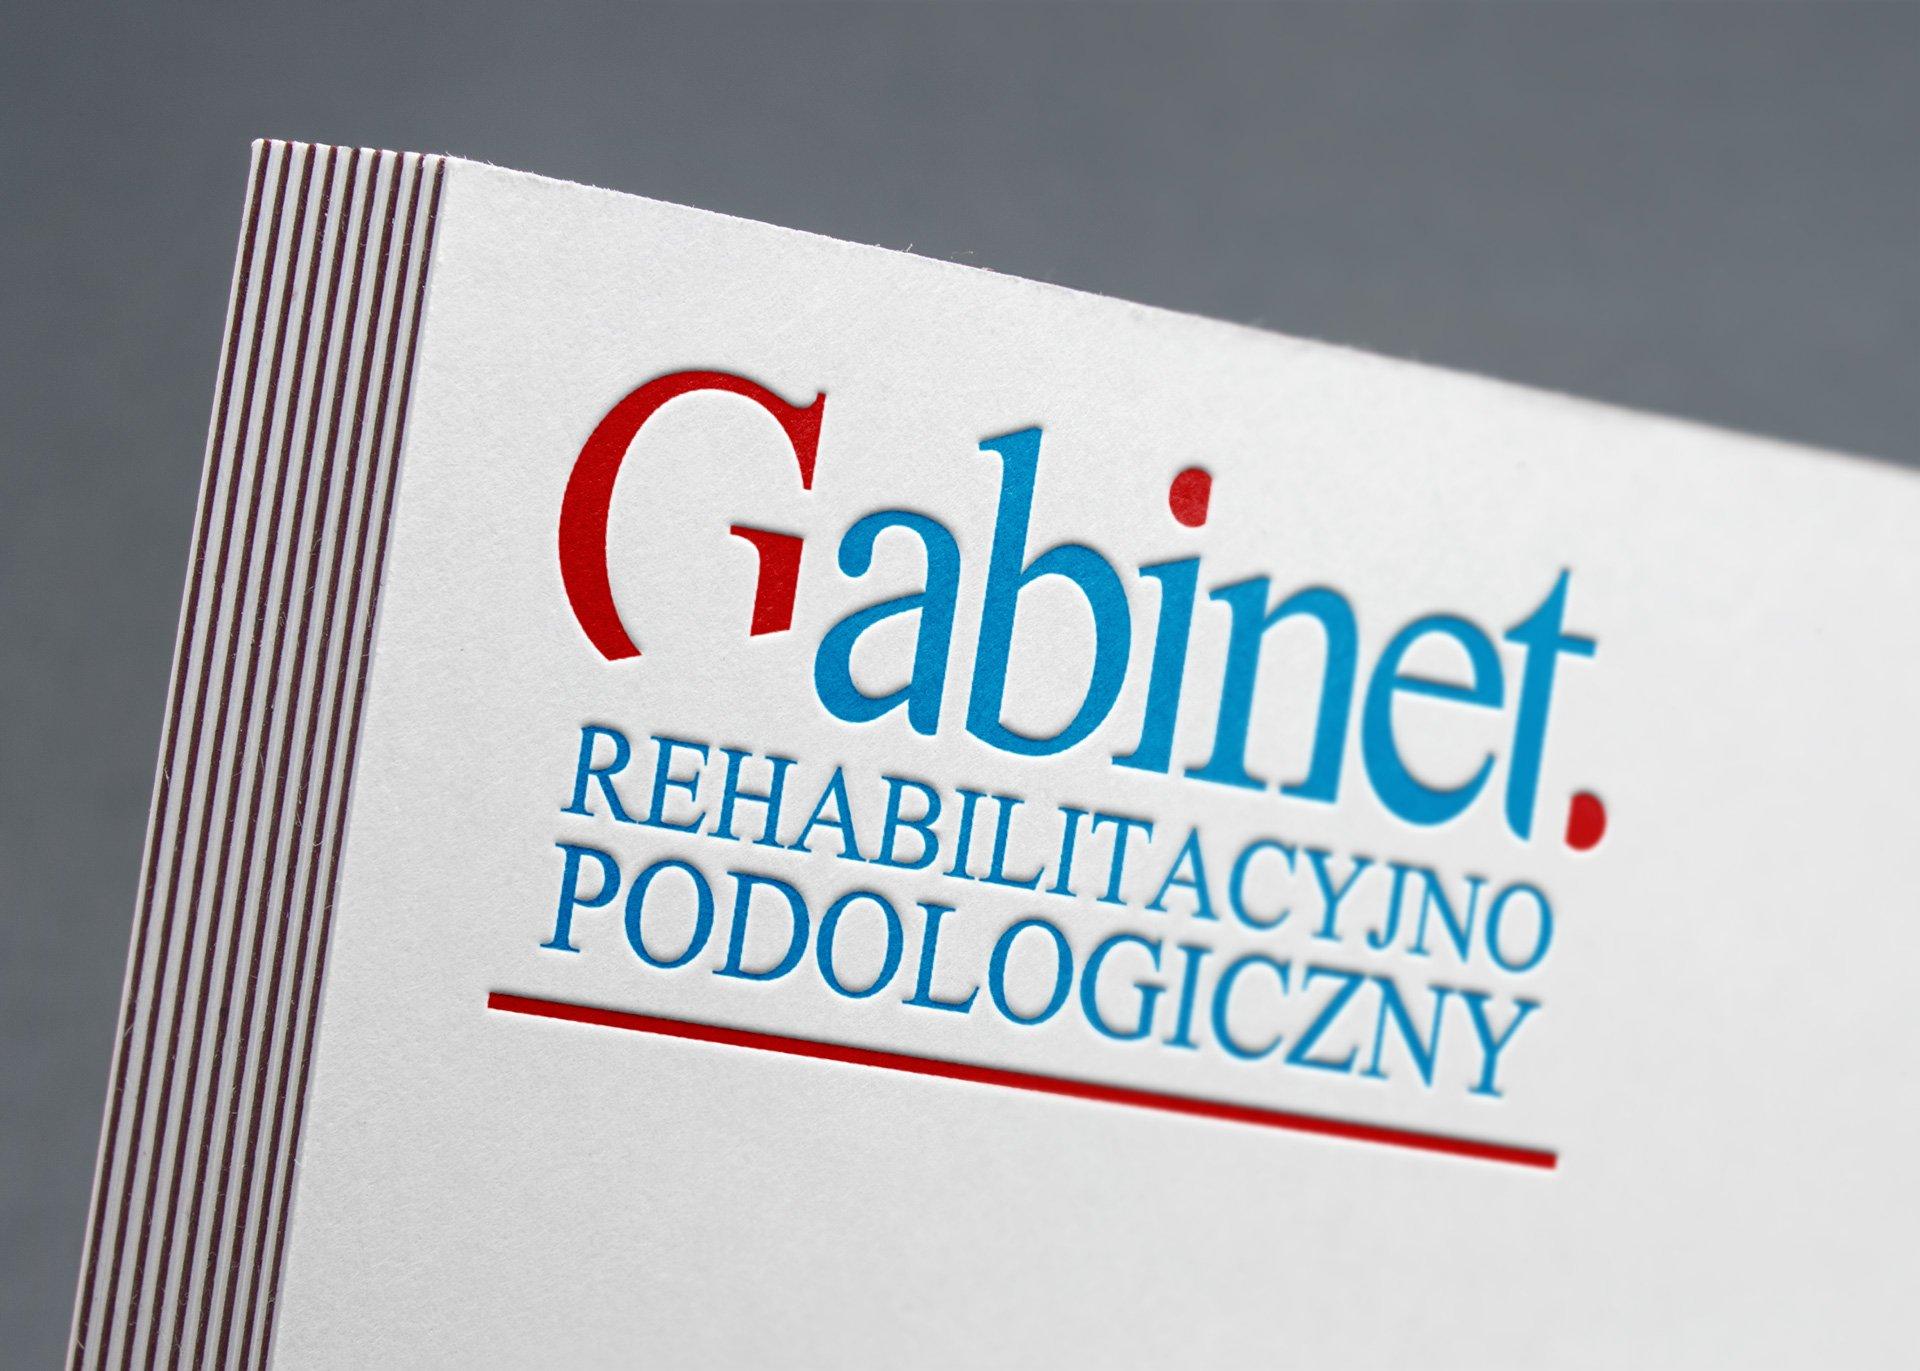 Logotyp Gabinetu Rehabilitacyjno-Podologicznego (by BBIG.PL)